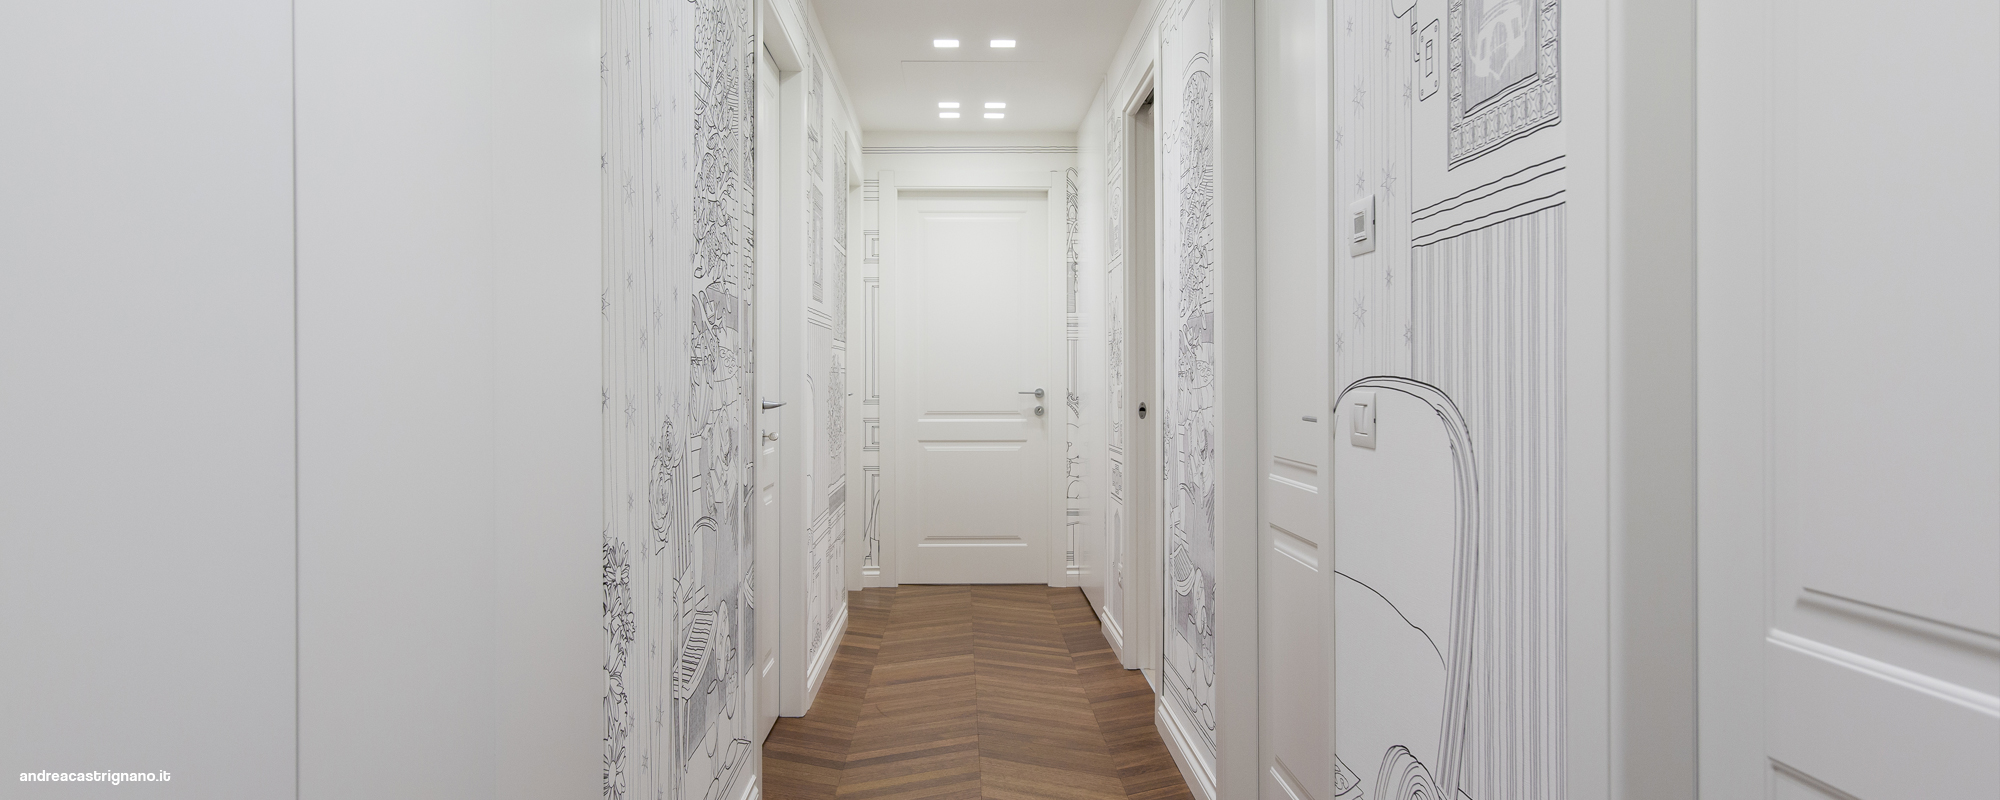 Corridoio Con Faretti ~ gitsupport for